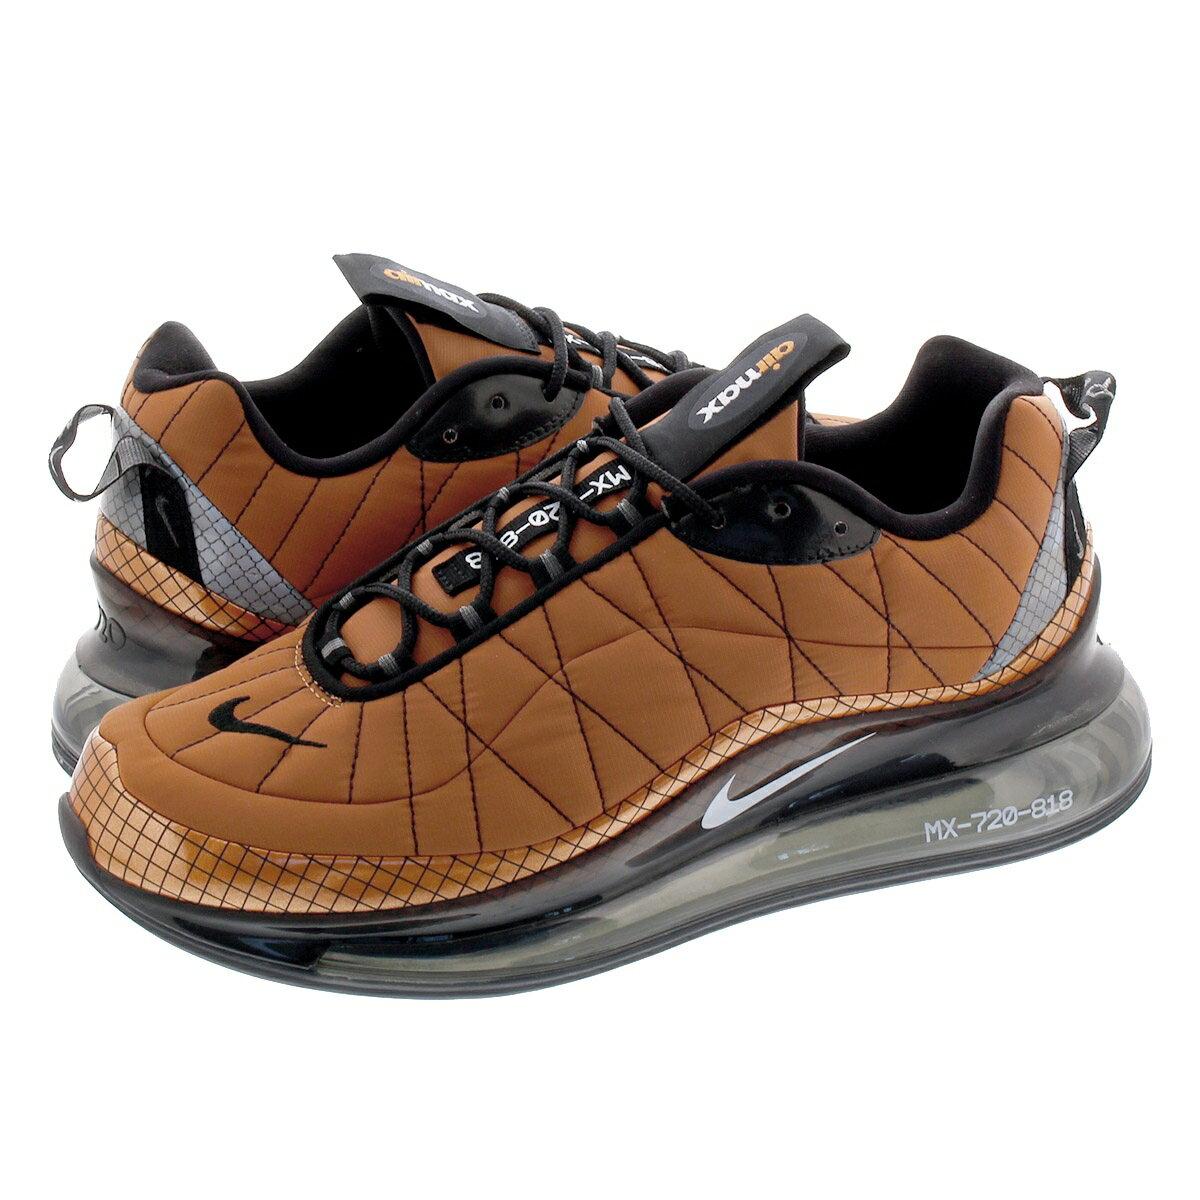 メンズ靴, スニーカー NIKE AIR MAX 720-818 720-818 METALLIC COPPERWHITEBLACKANTHRACITE bv5841-800